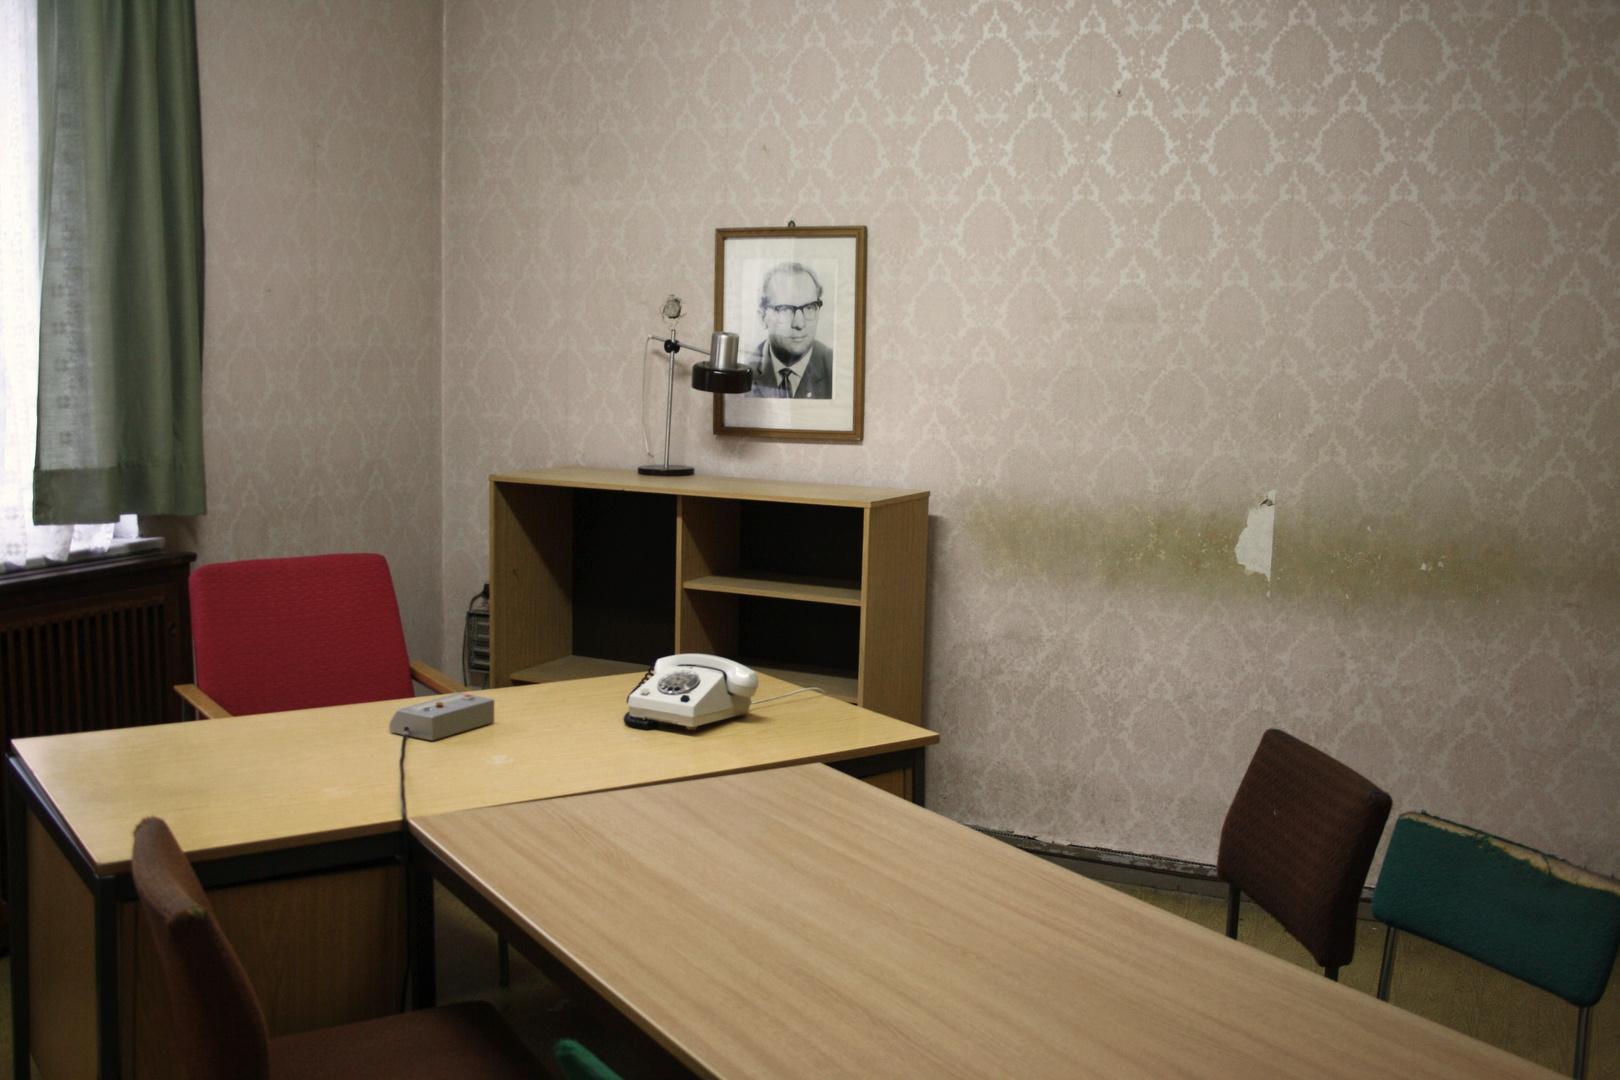 Verhör - Ästhetik der Stasi